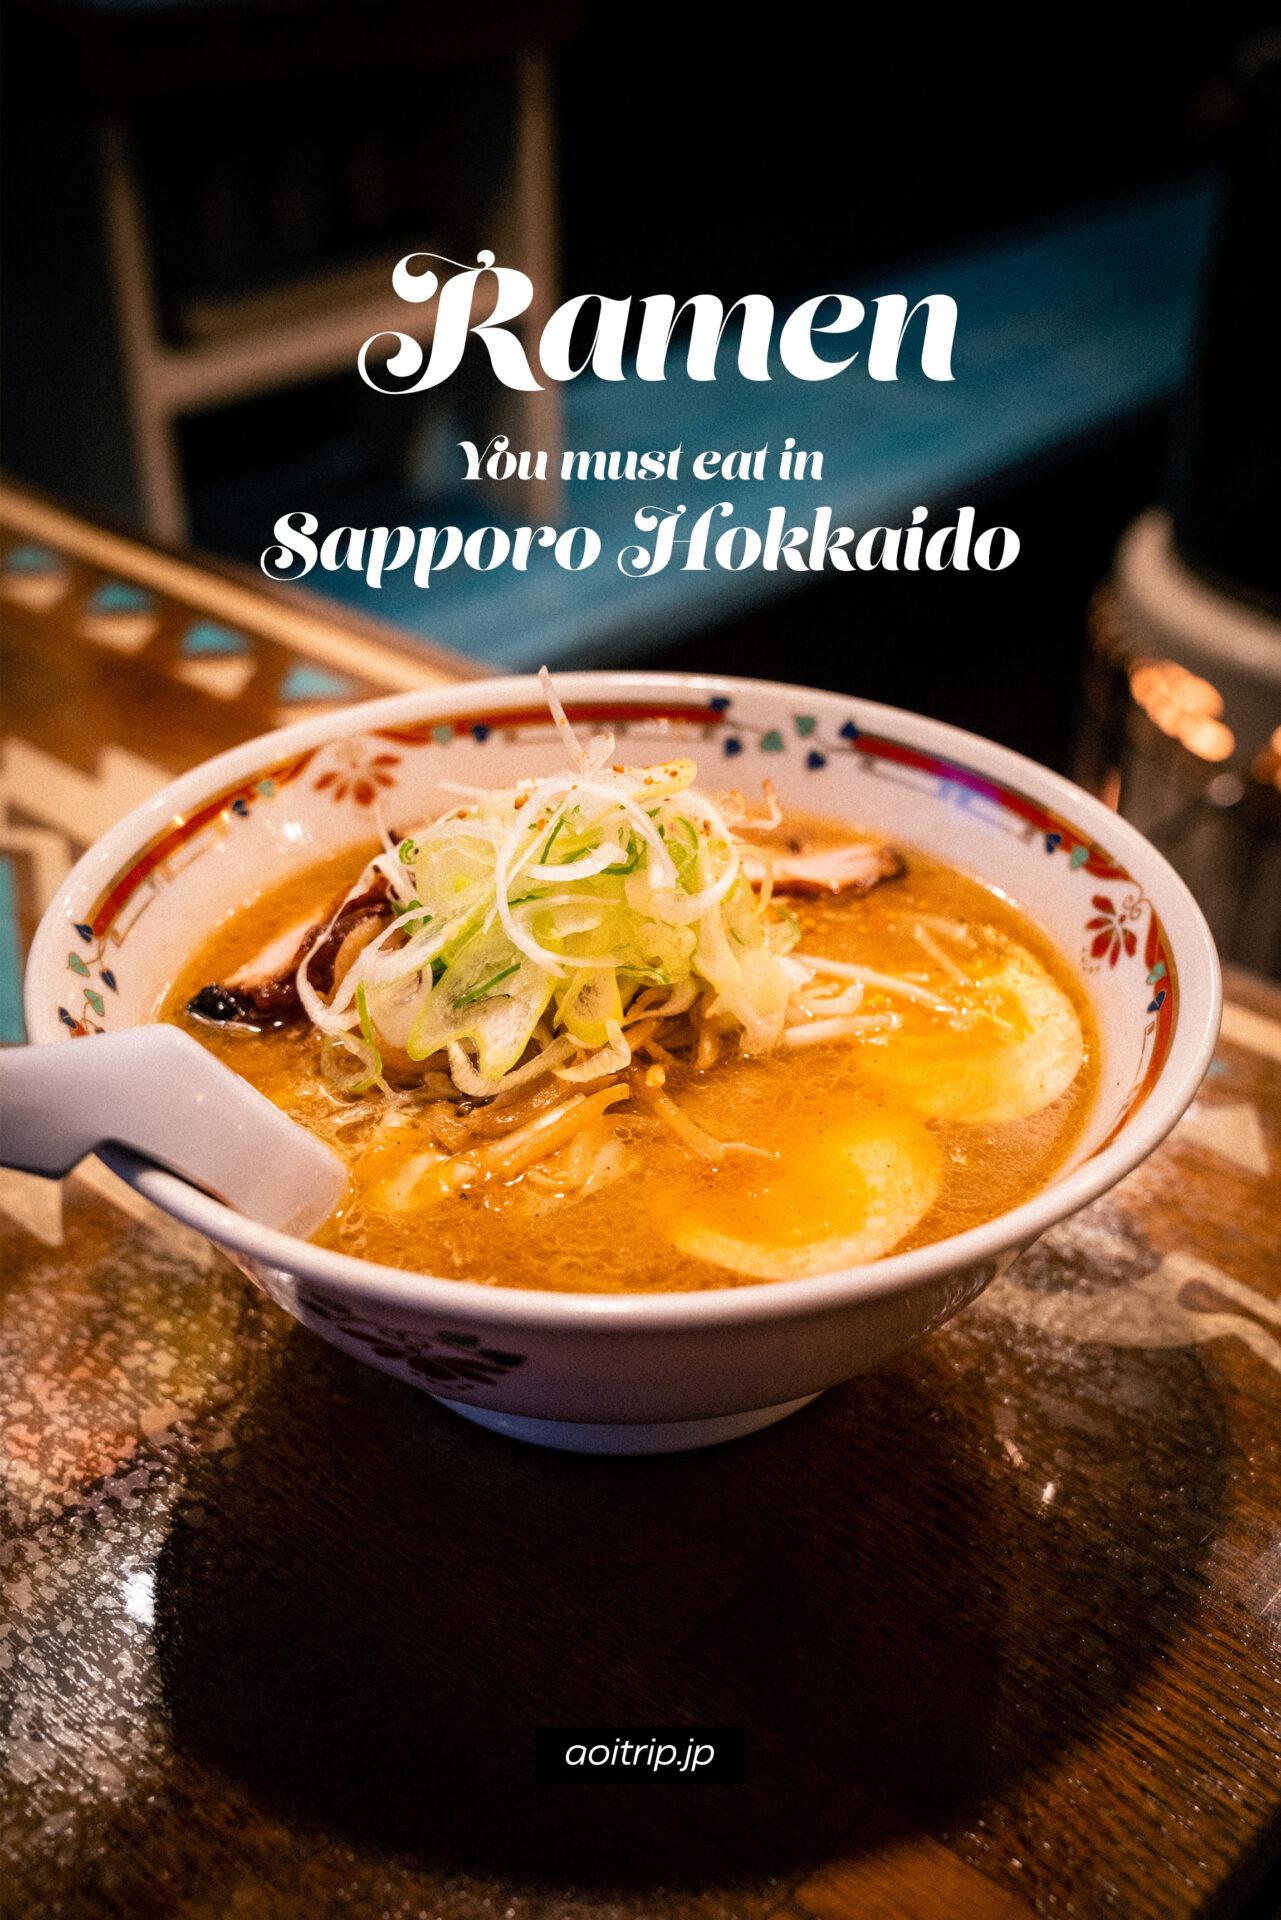 札幌旅行で食べたラーメン Ramen Noodles you must eat in Sapporo